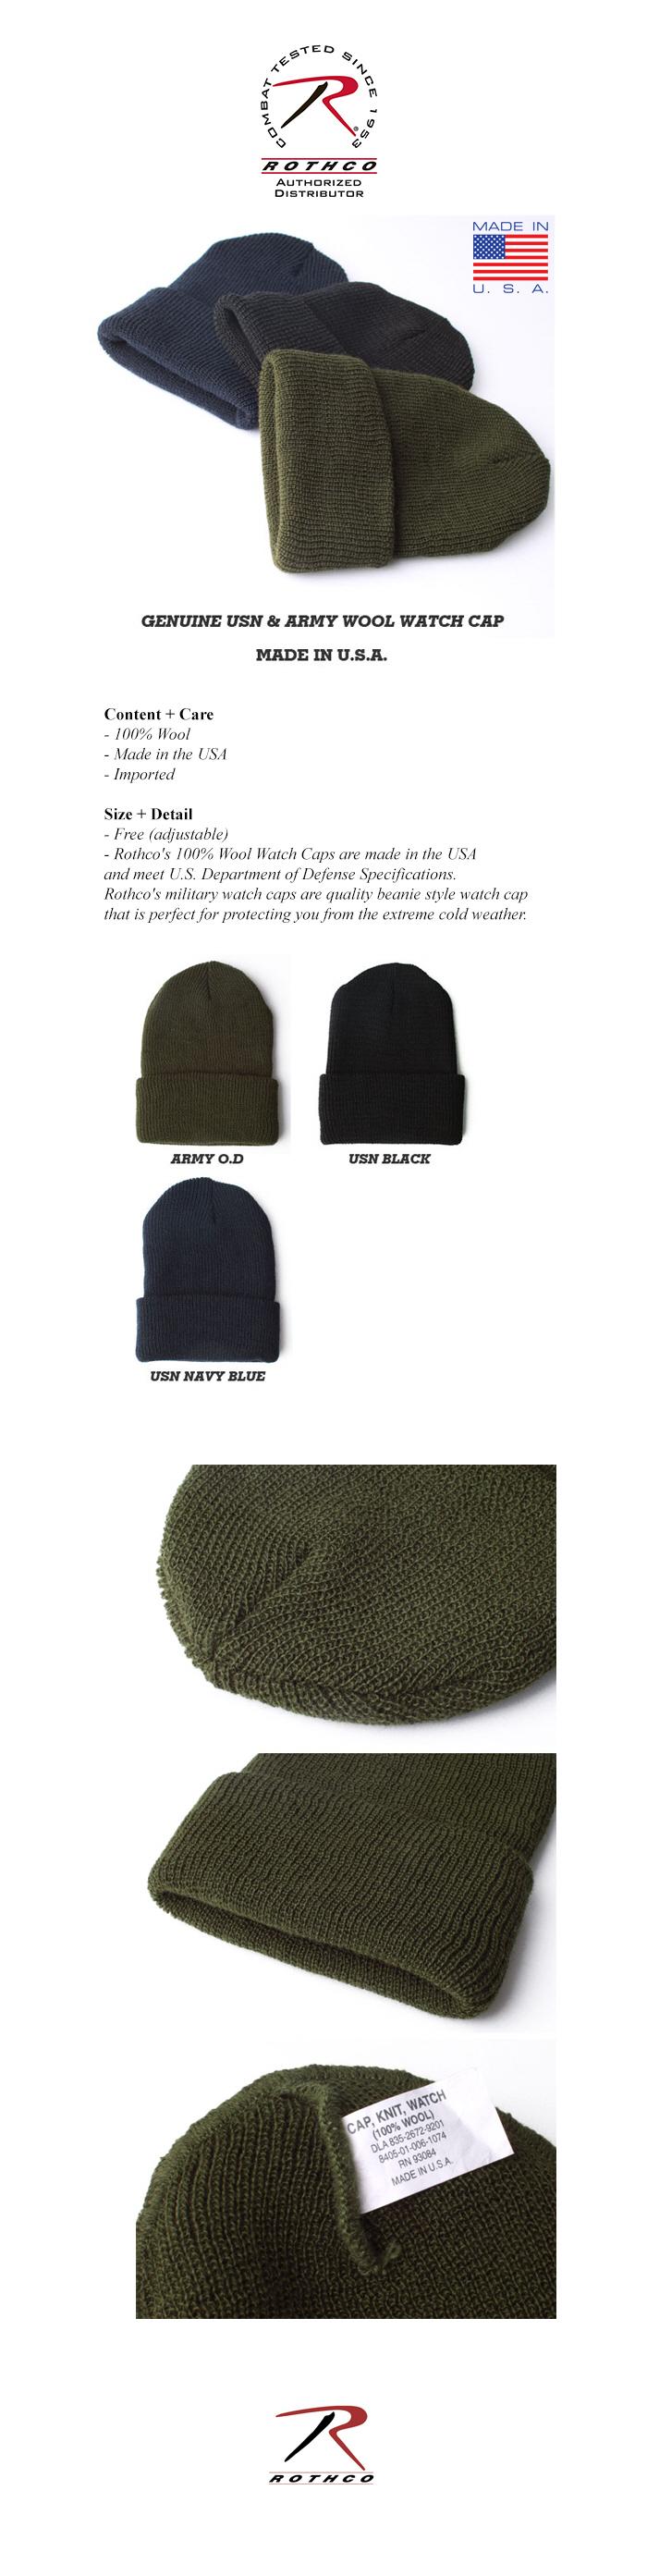 GENUINE USN WOOL WATCH CAP (3 COLORS)